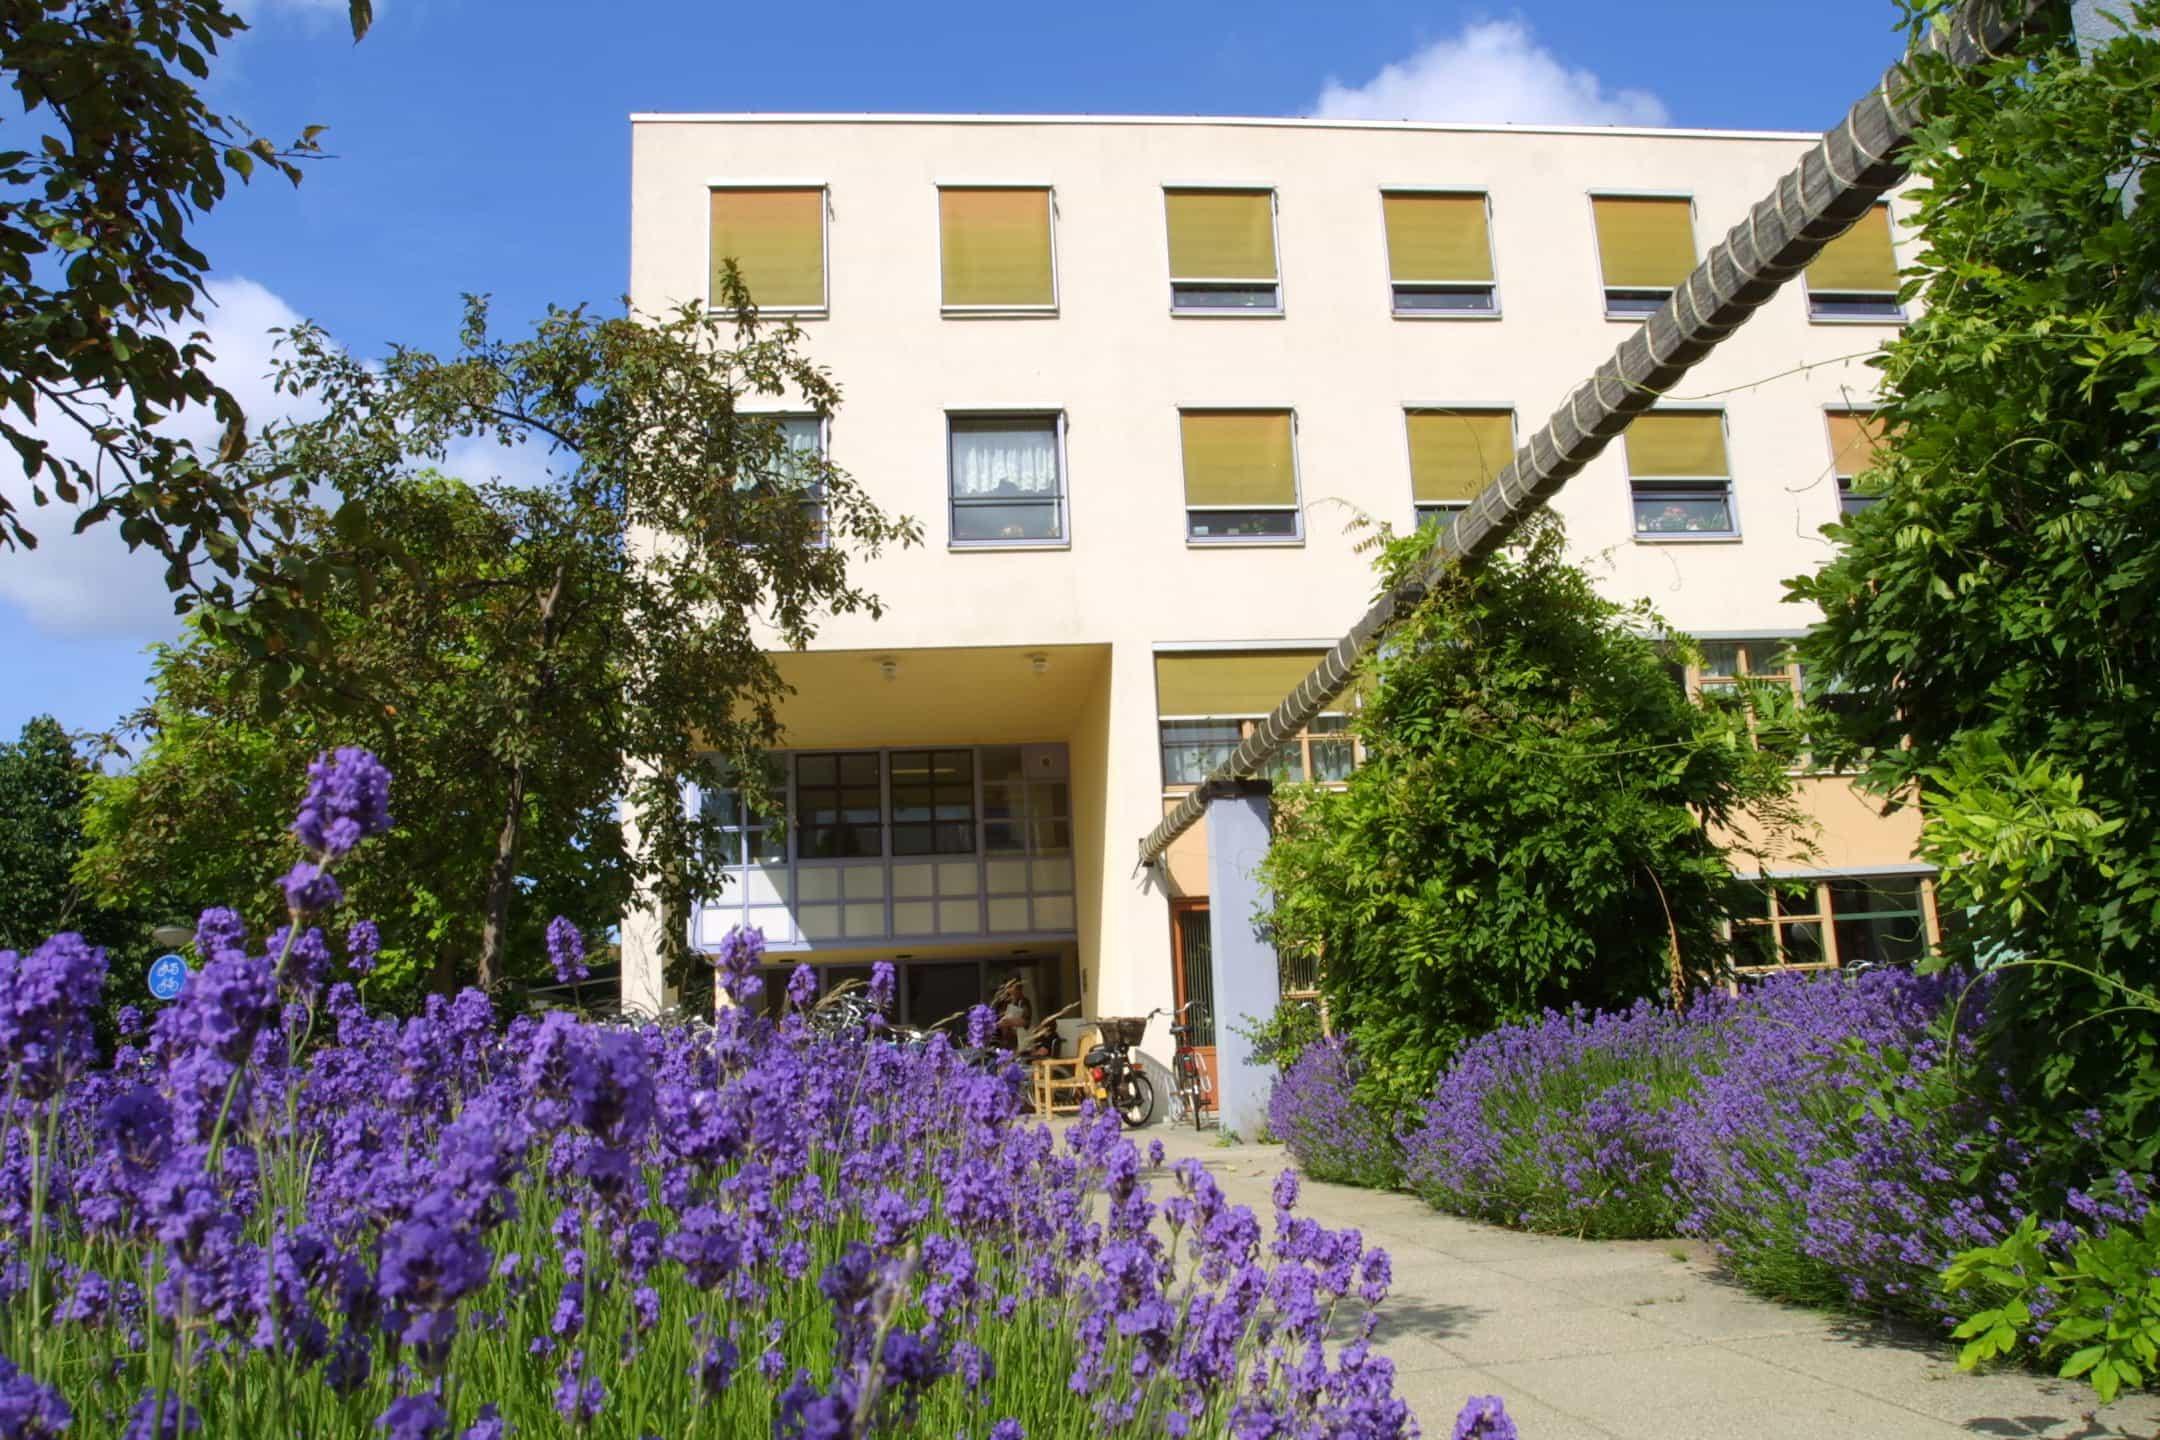 Woonzorgcentrum Kiekendief